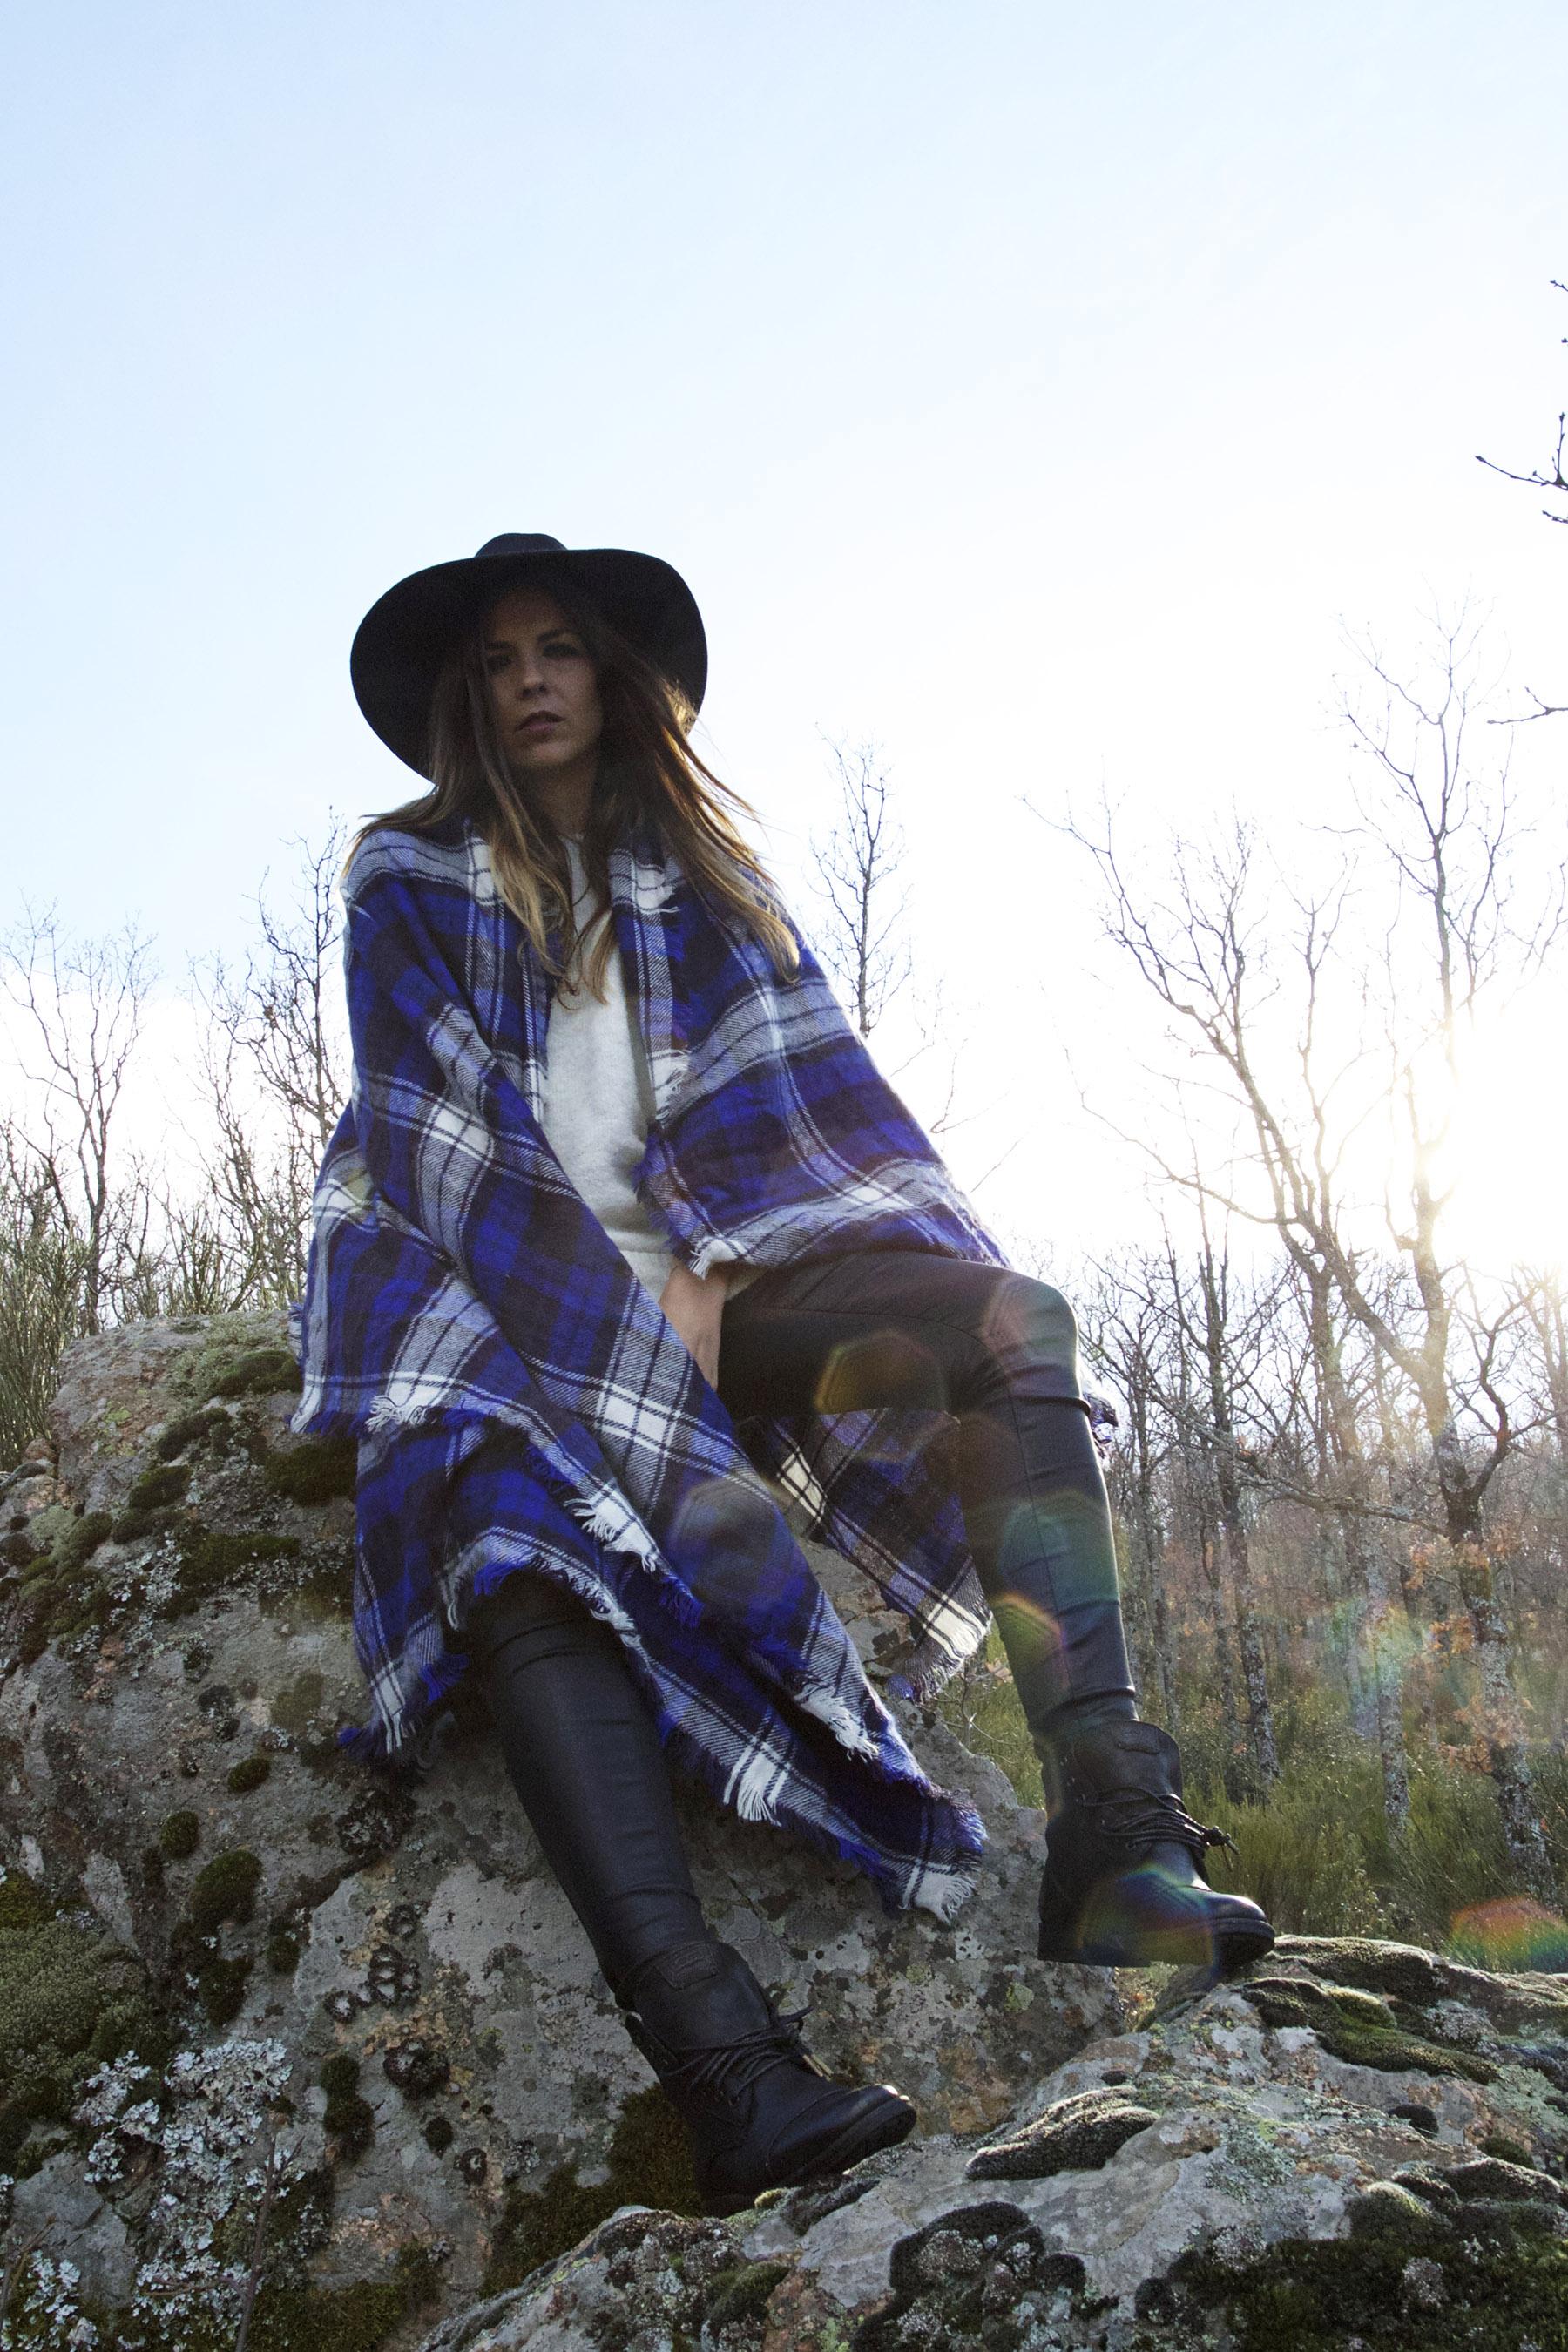 trendy-taste-look-mountain-sierra-maxi-bufanda-scarf-sombrero-botas-moteras-cuadros-3